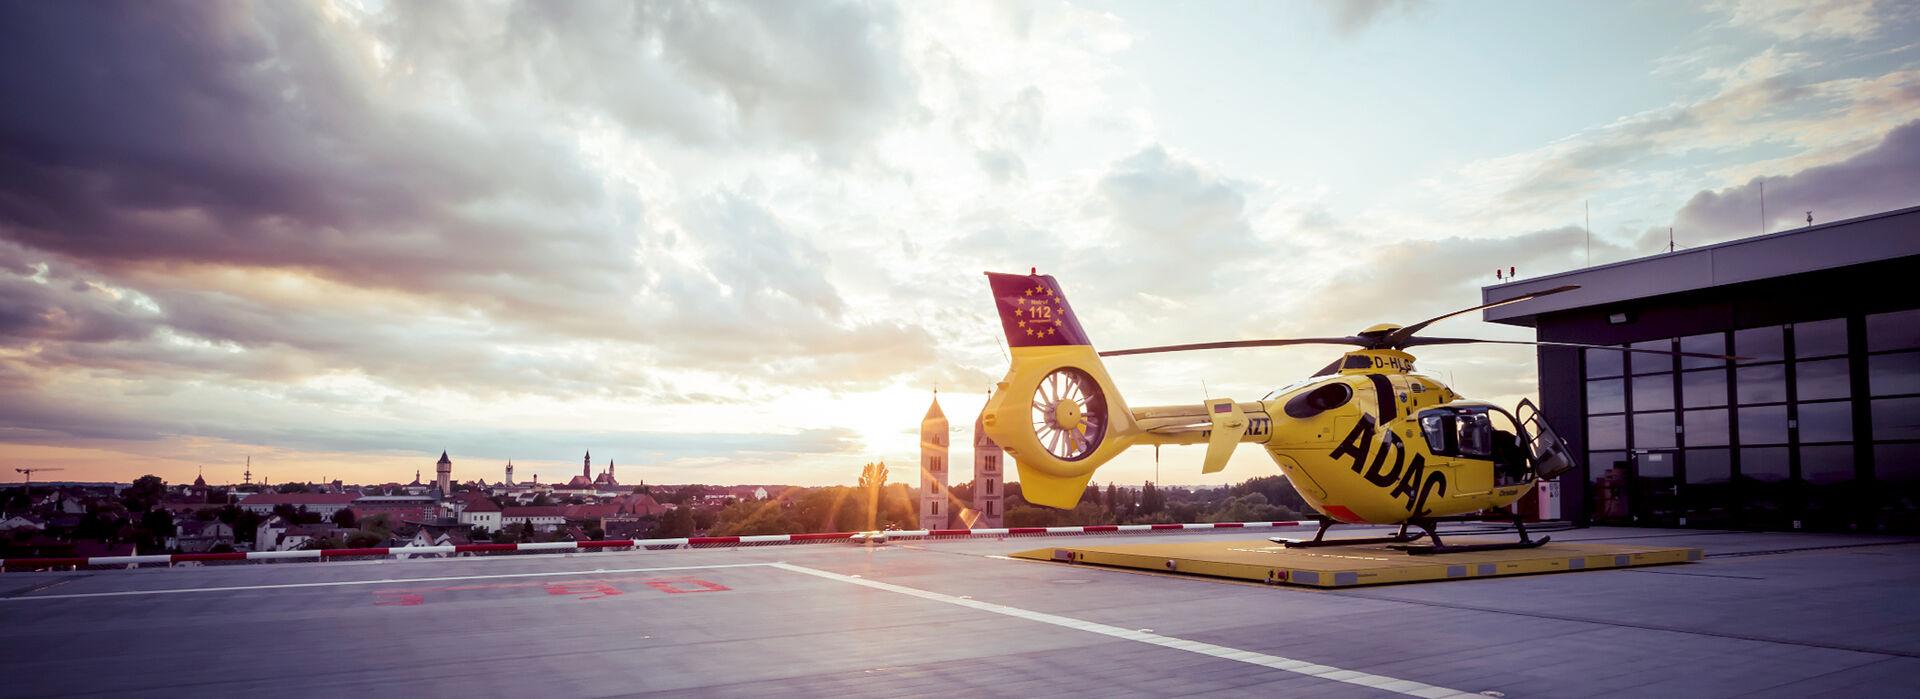 BBSR-Slider-Hubschrauber